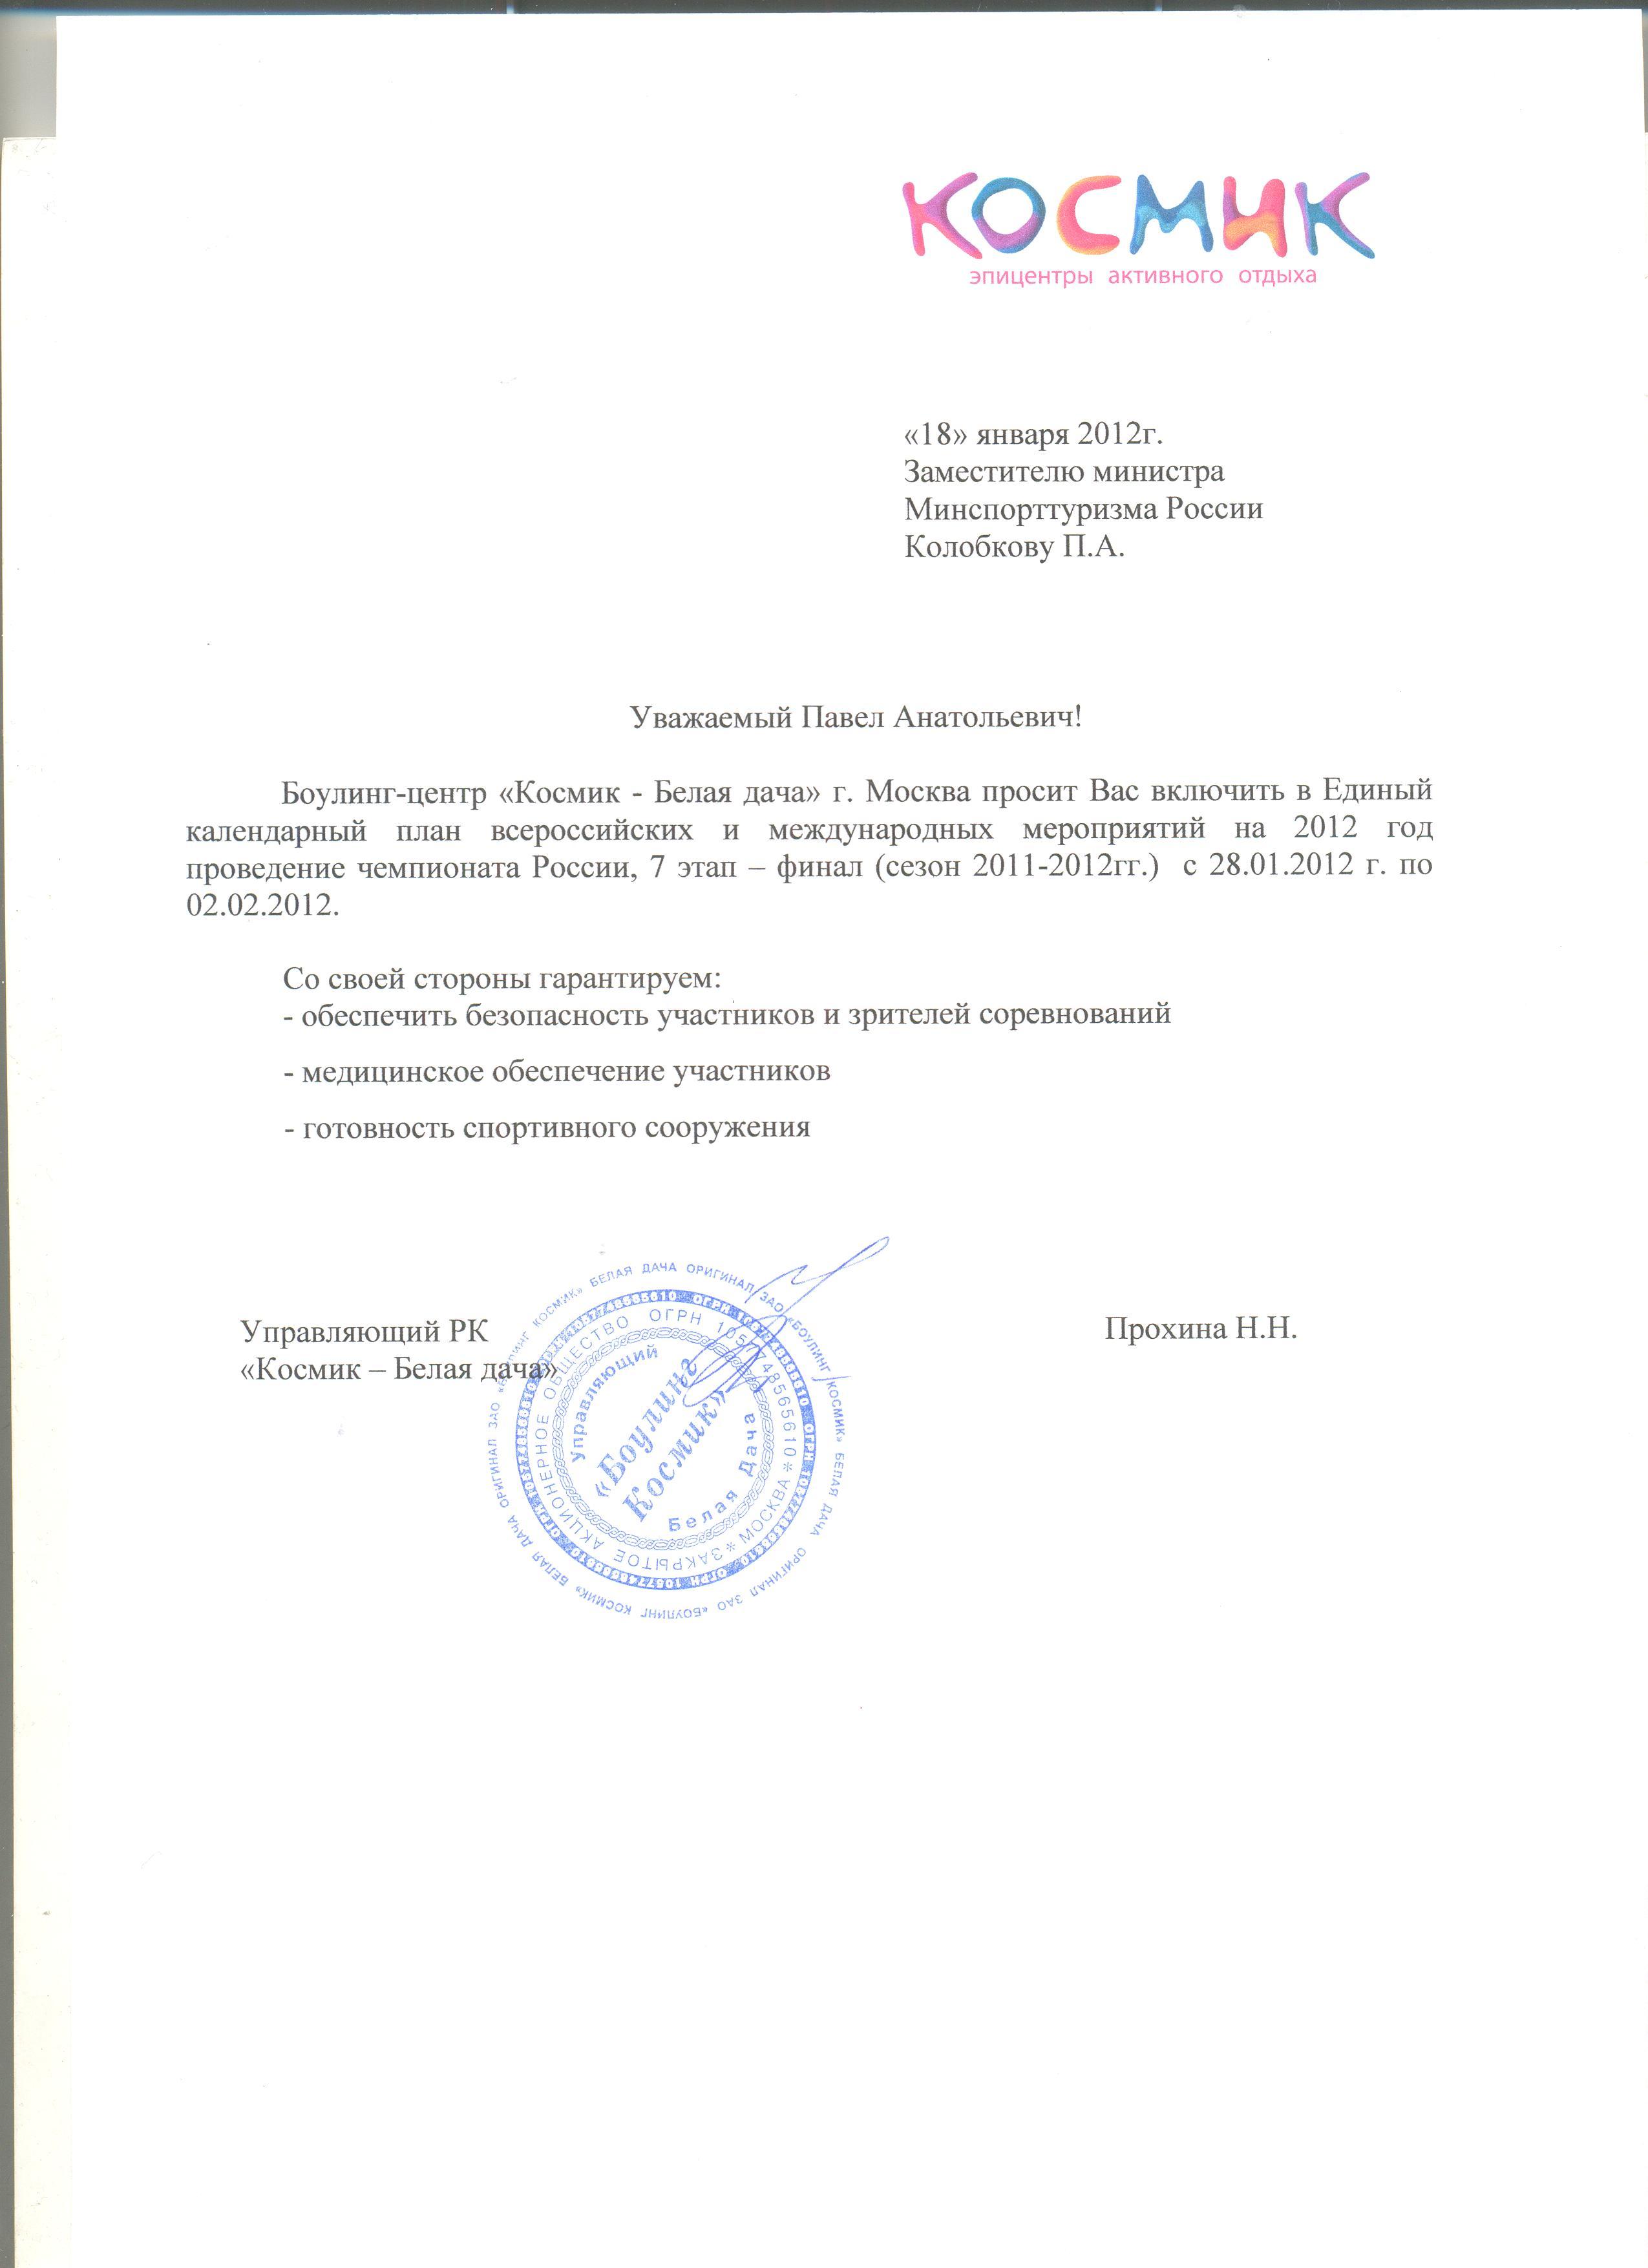 Письмо о Согласовании образец